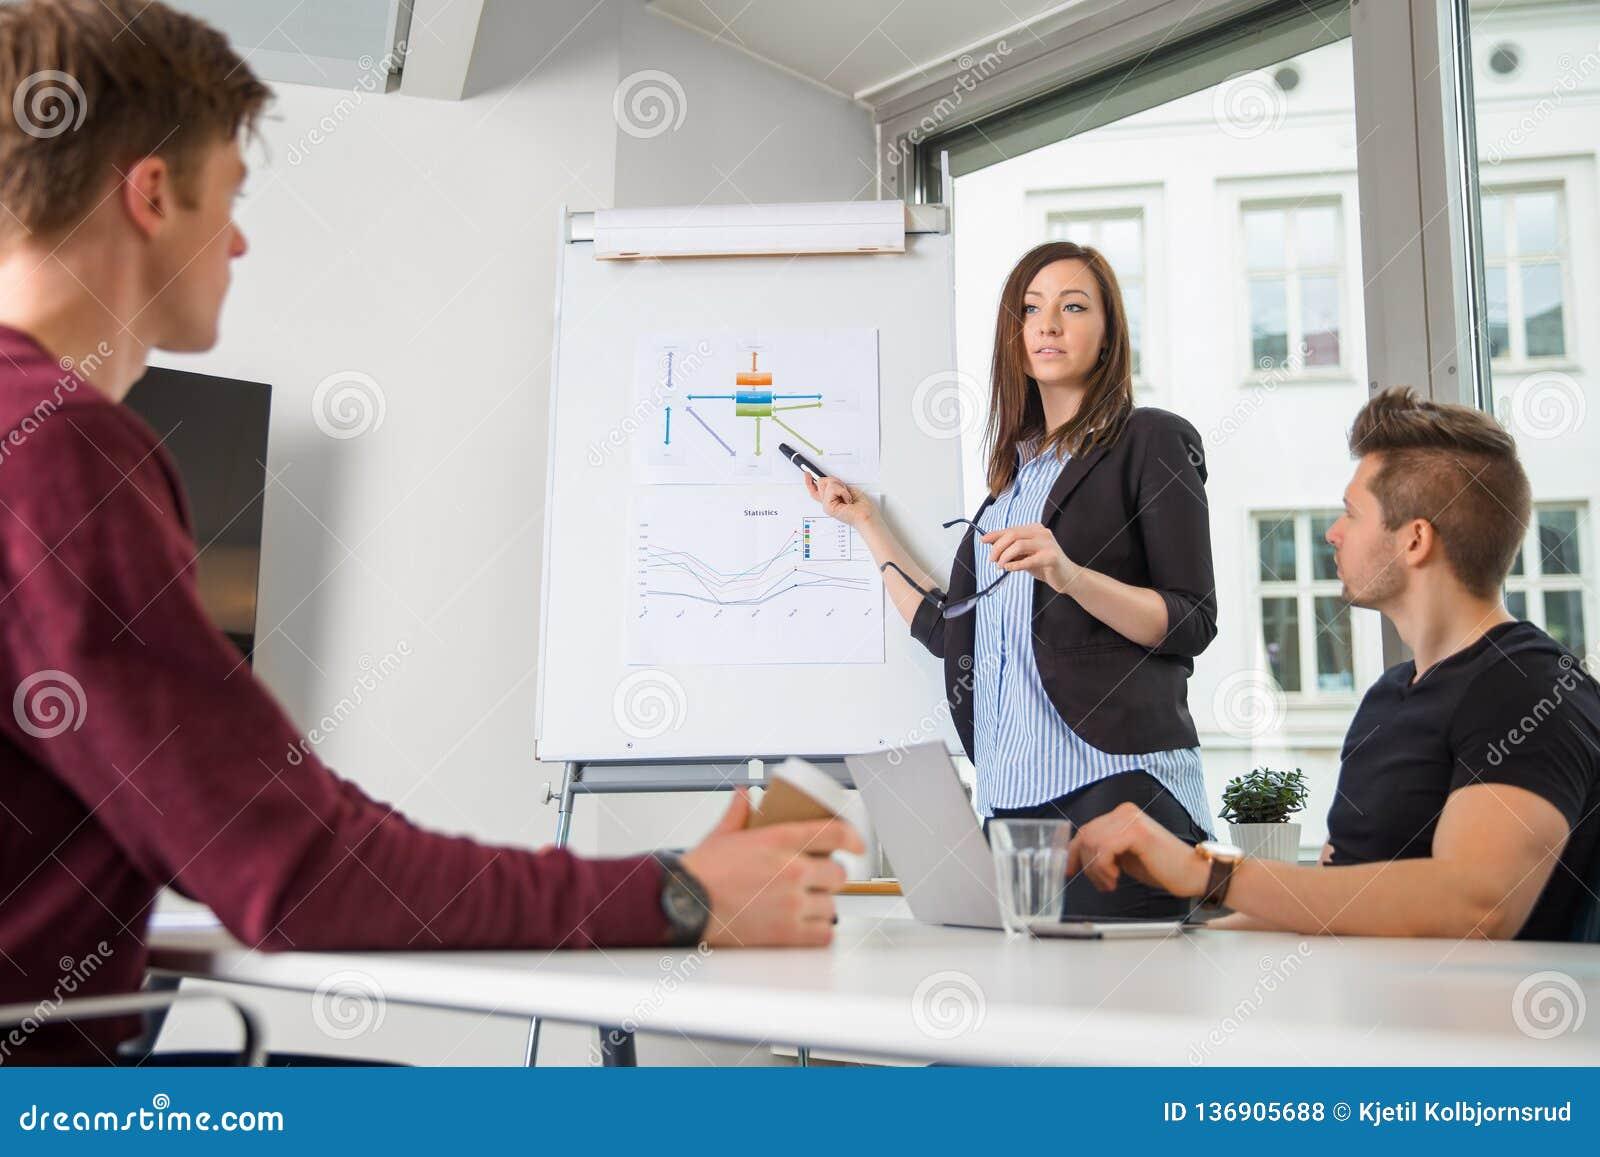 对男性工友的女性专业解释的图表